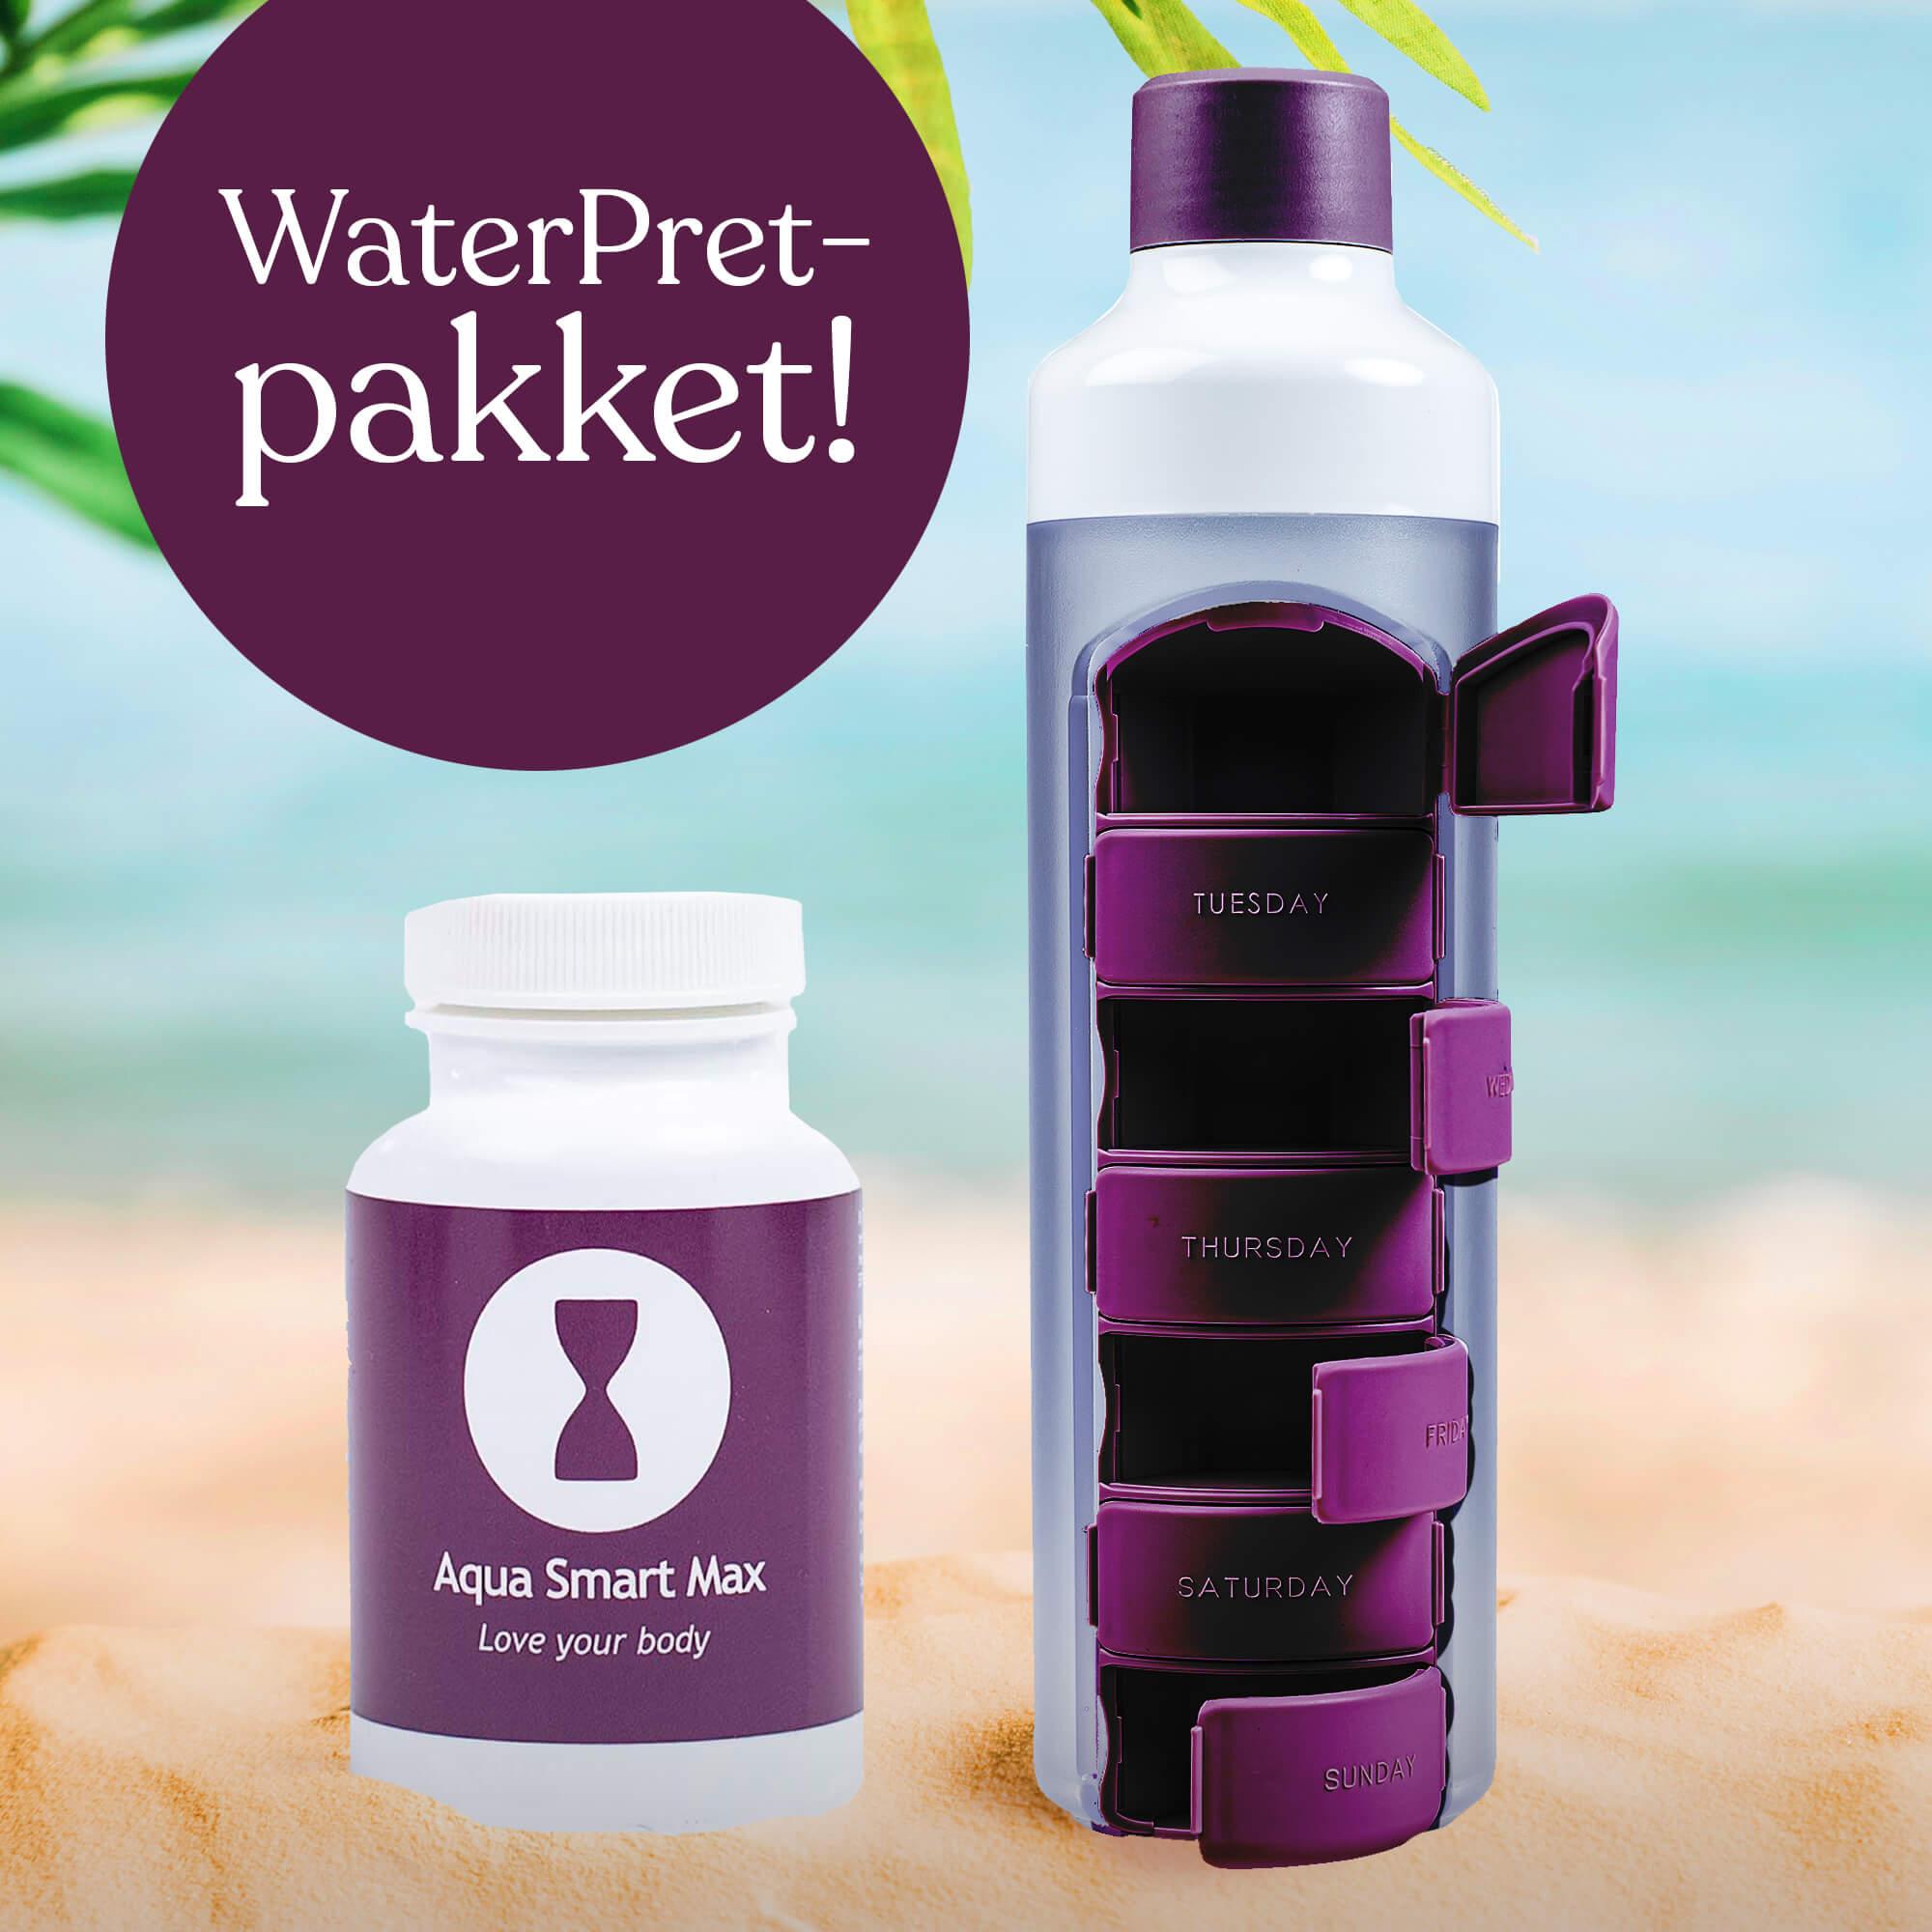 Waterpret pakket